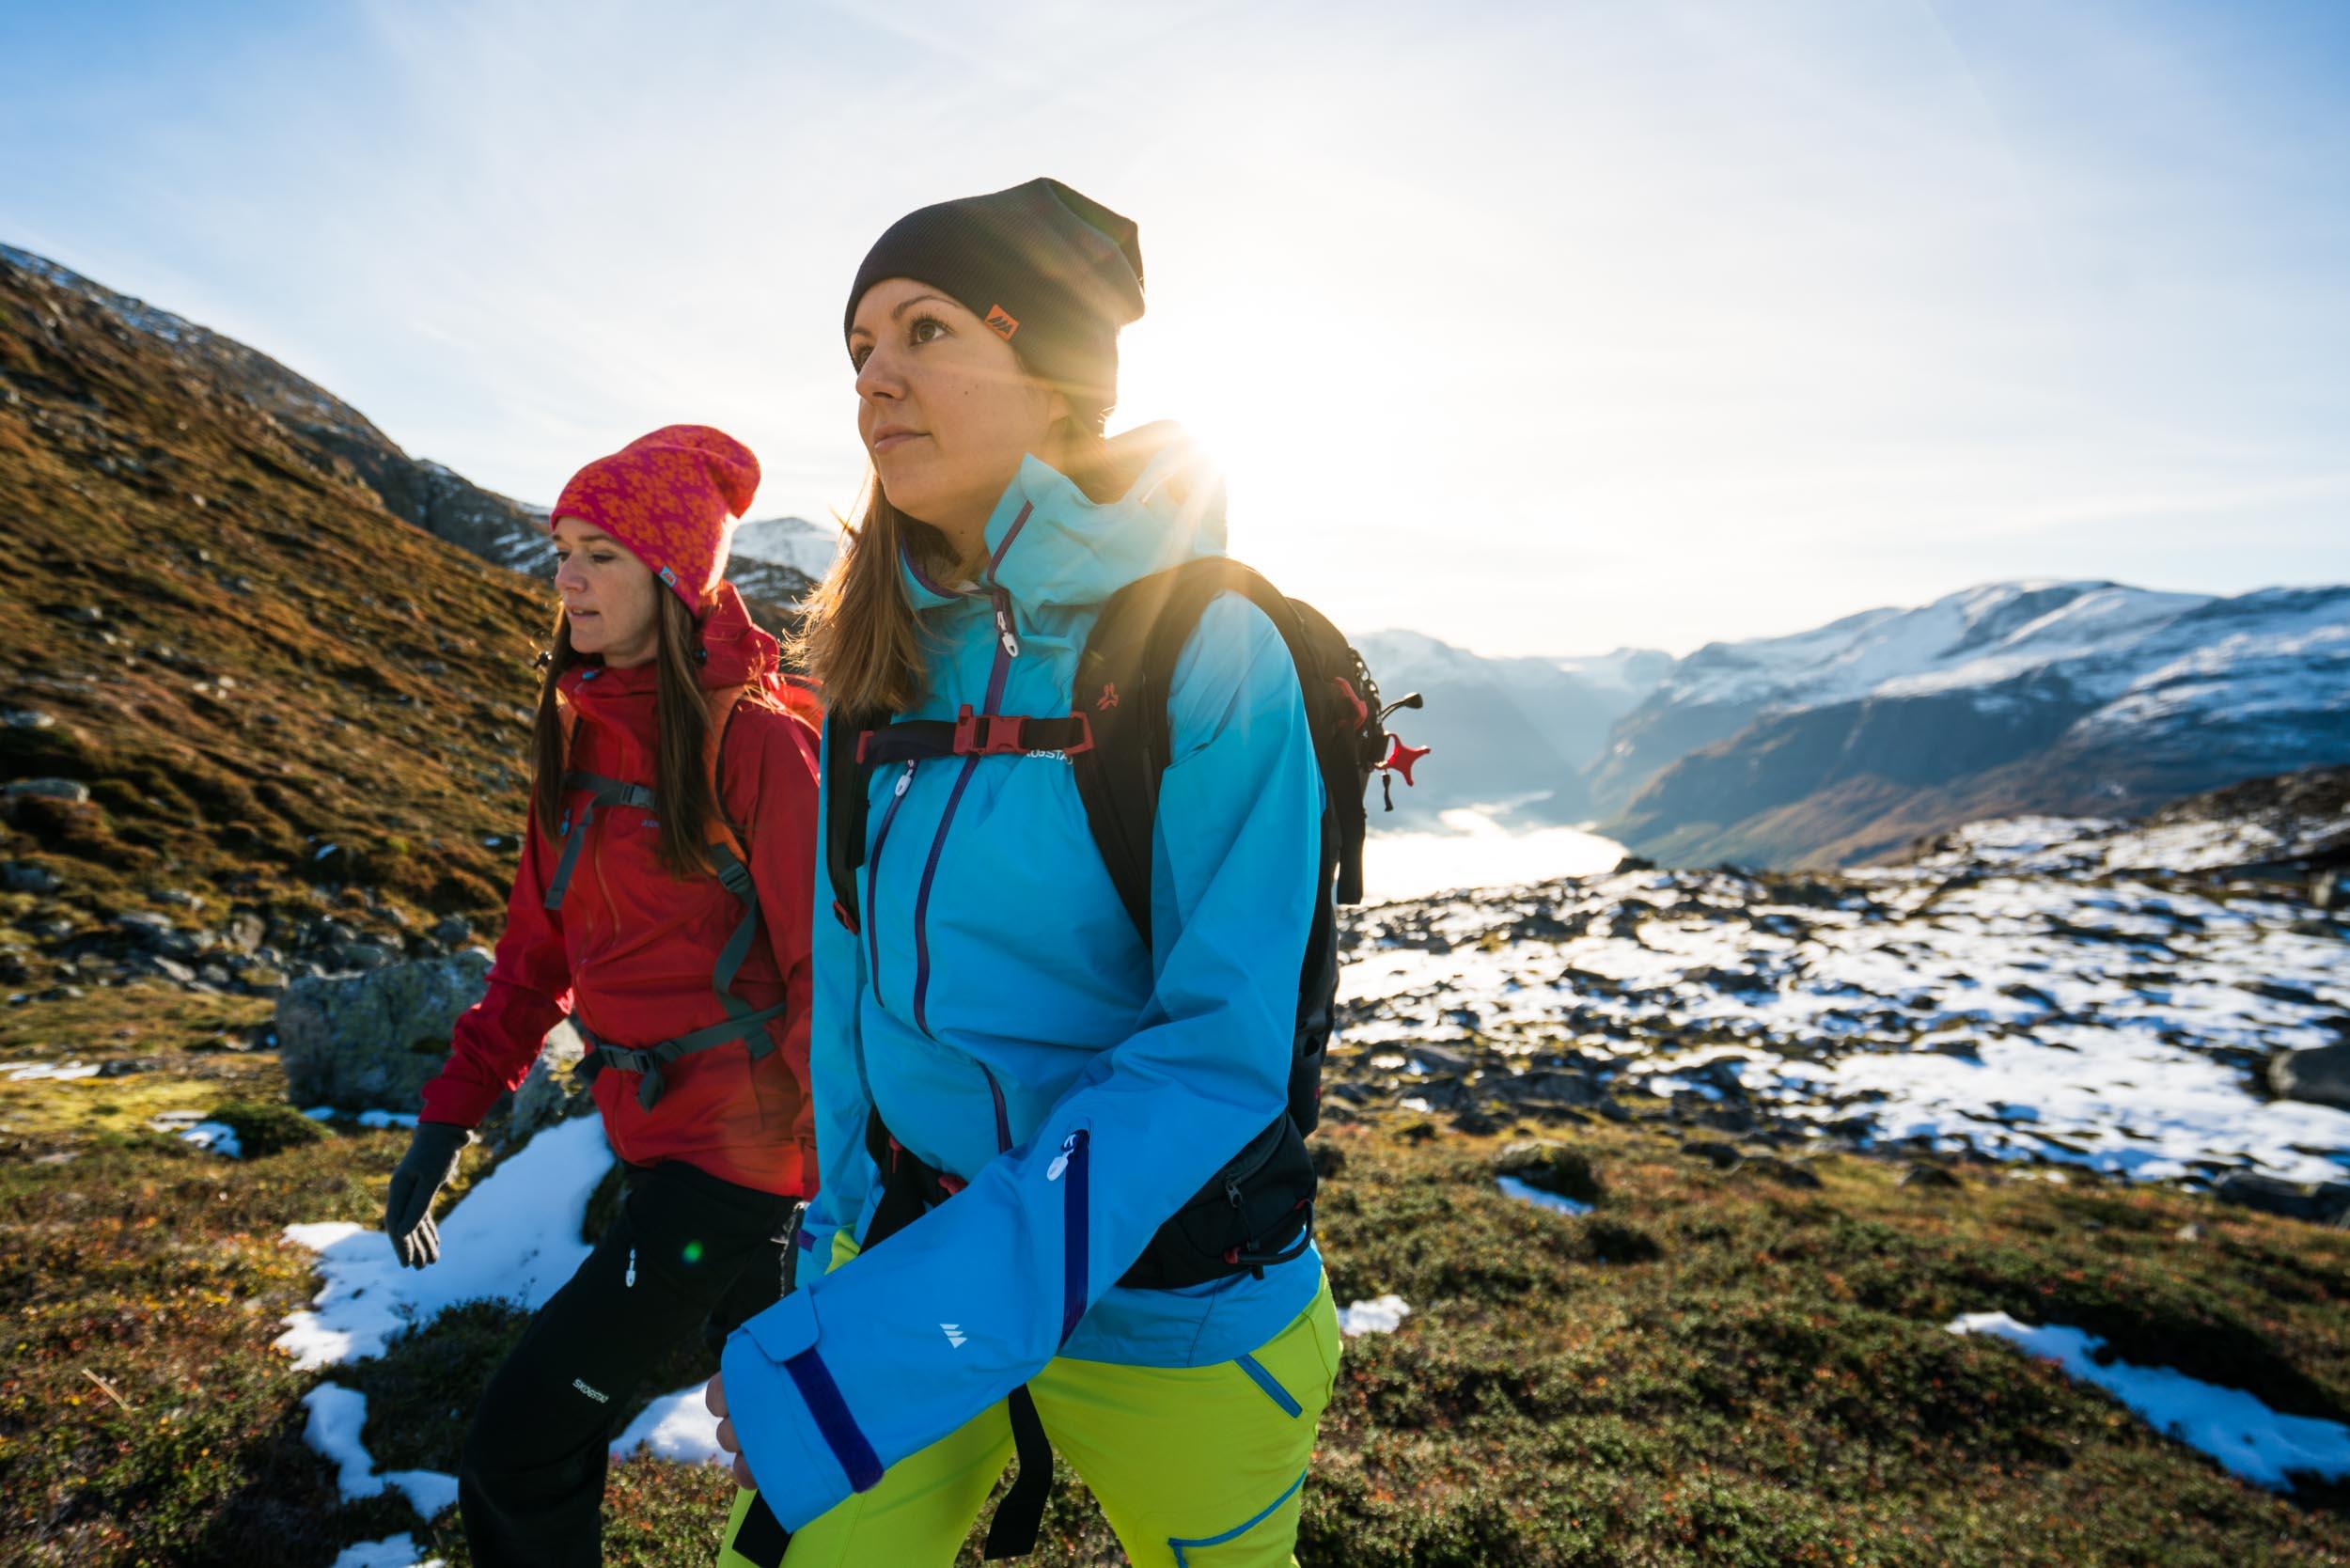 Guida tur: Staurinibba - Ein lengre fjelltur, der du utforskar fjellområdet rundt Hoven. Inkl. Loen Skylift tur/retur og guide.